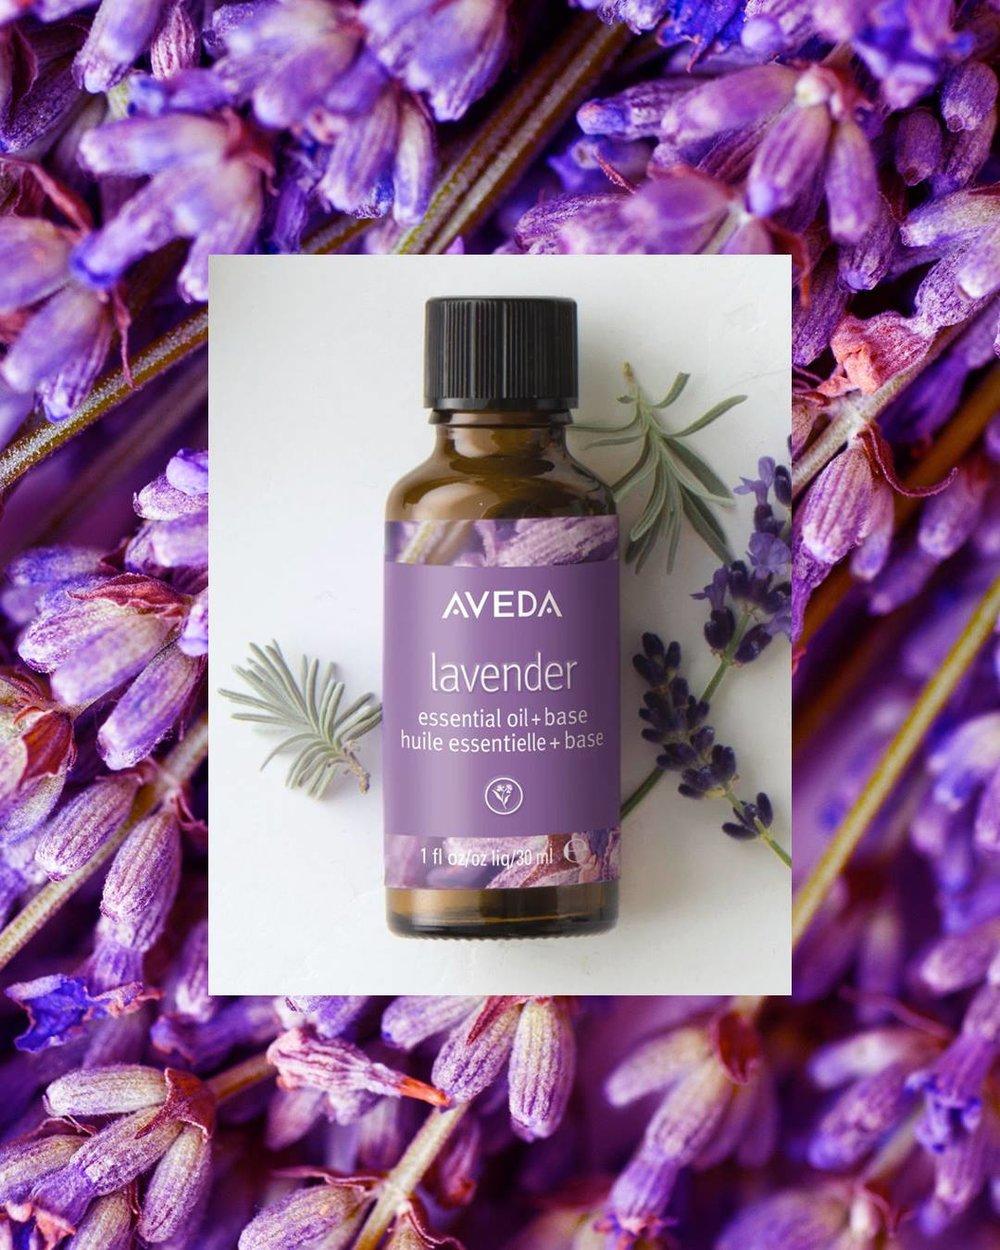 lavender+aveda+essential+oil.jpg